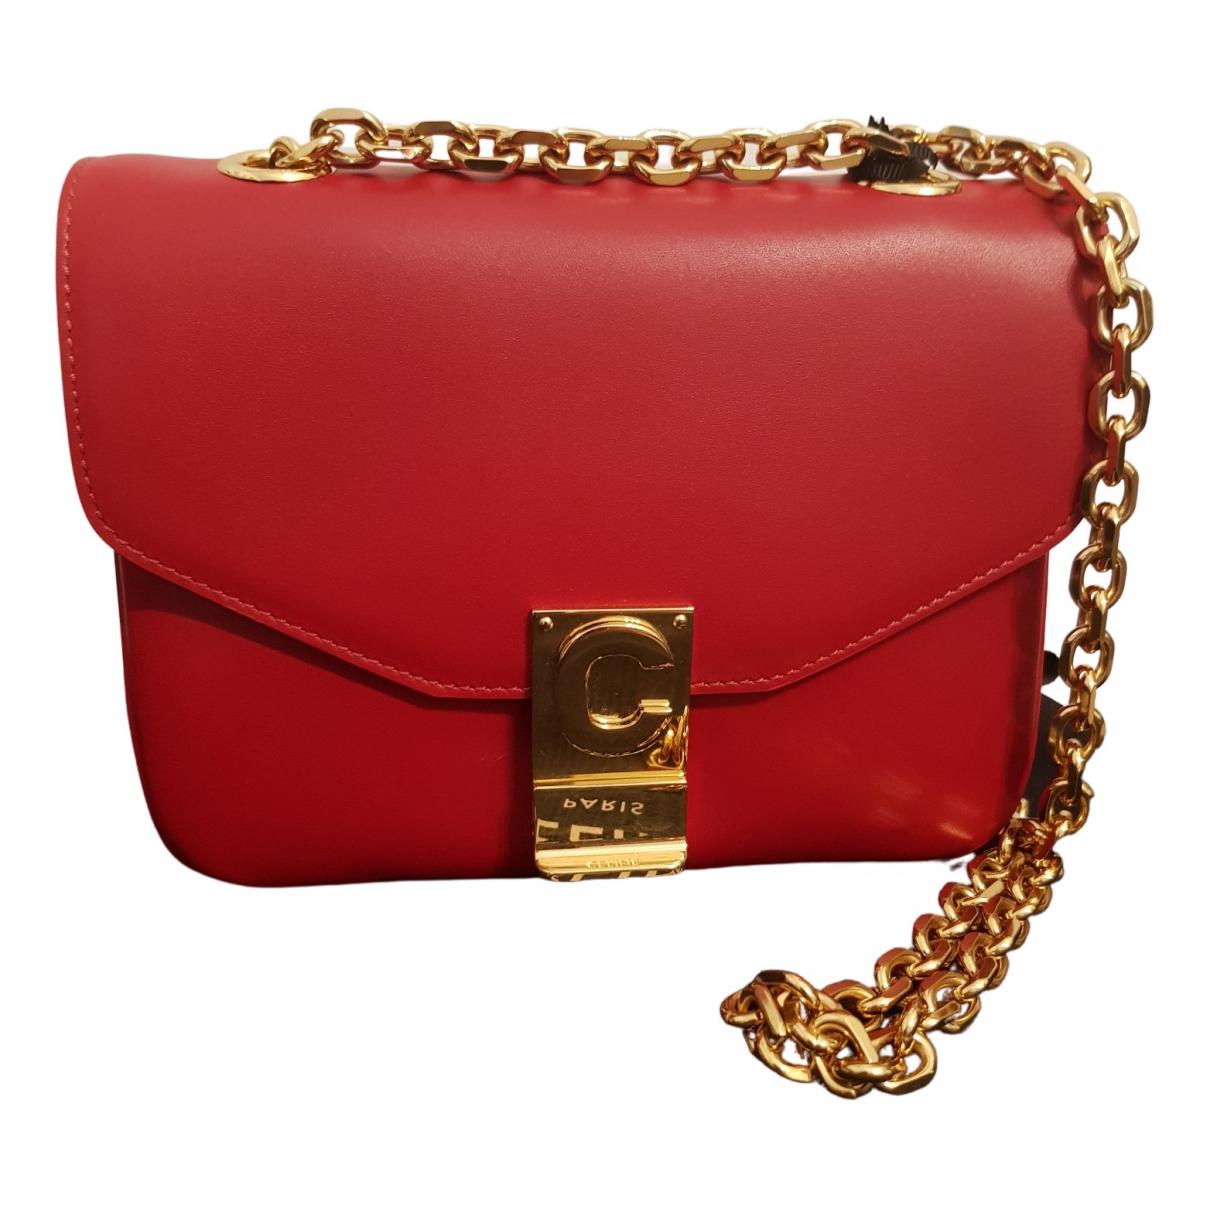 Celine - Sac a main C bag pour femme en cuir - rouge